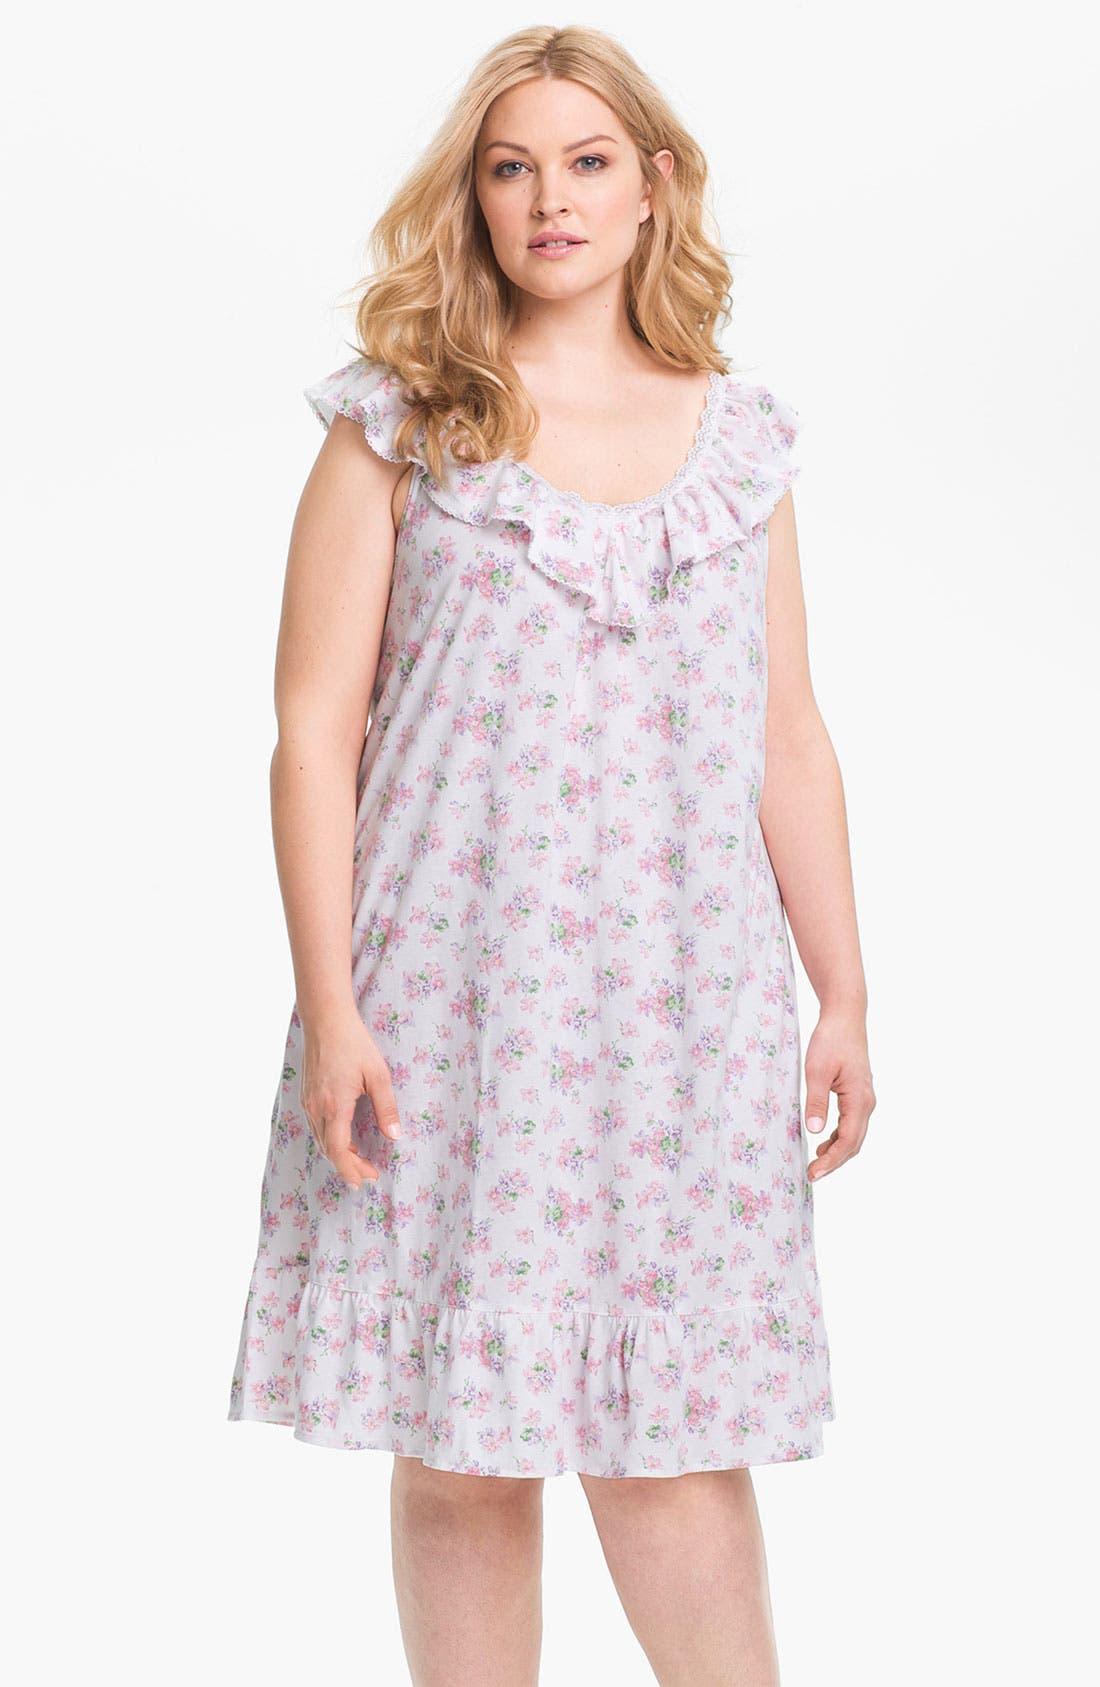 Main Image - Lauren Ralph Lauren Sleepwear Short Ruffle Nightgown (Plus)